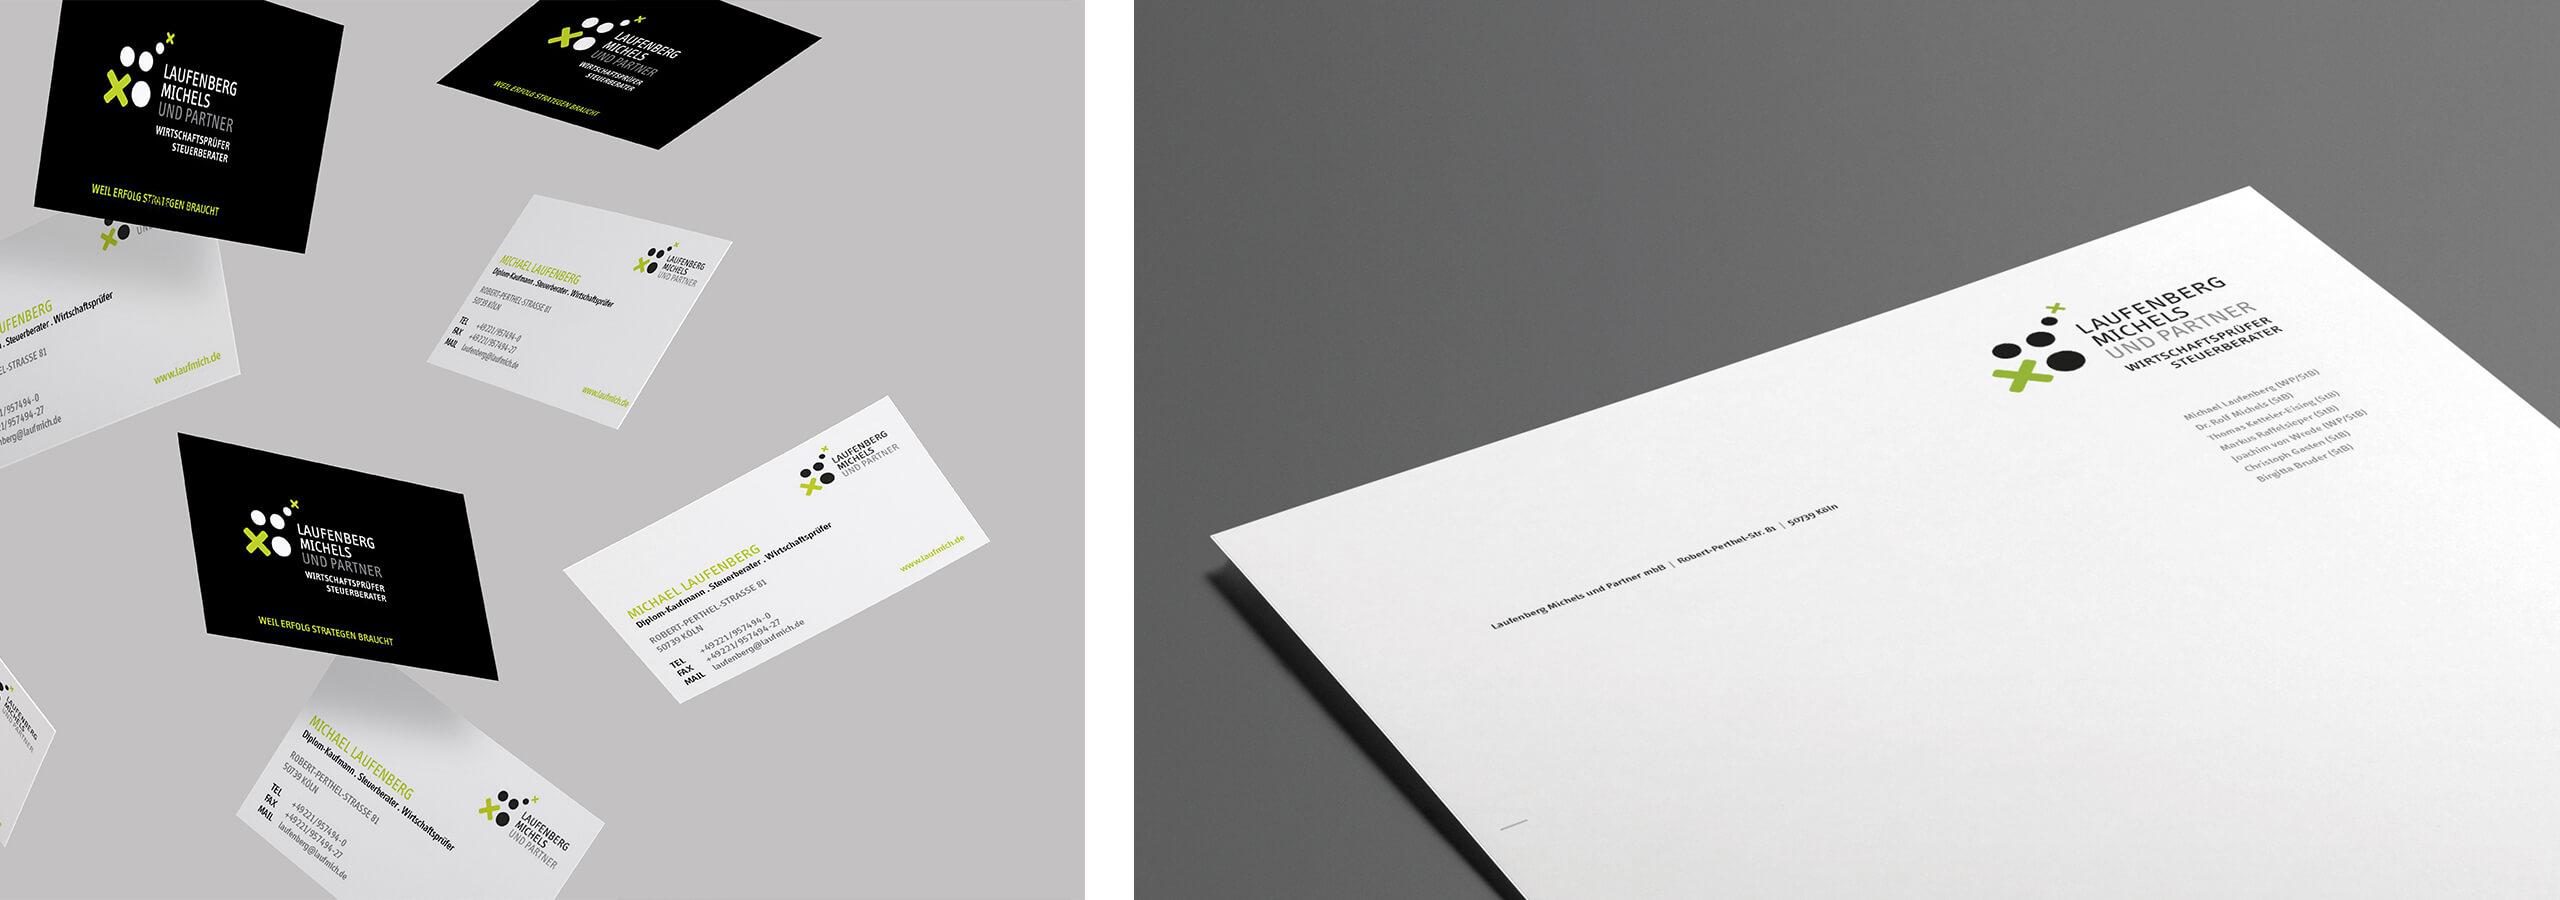 LMP Corporate Design